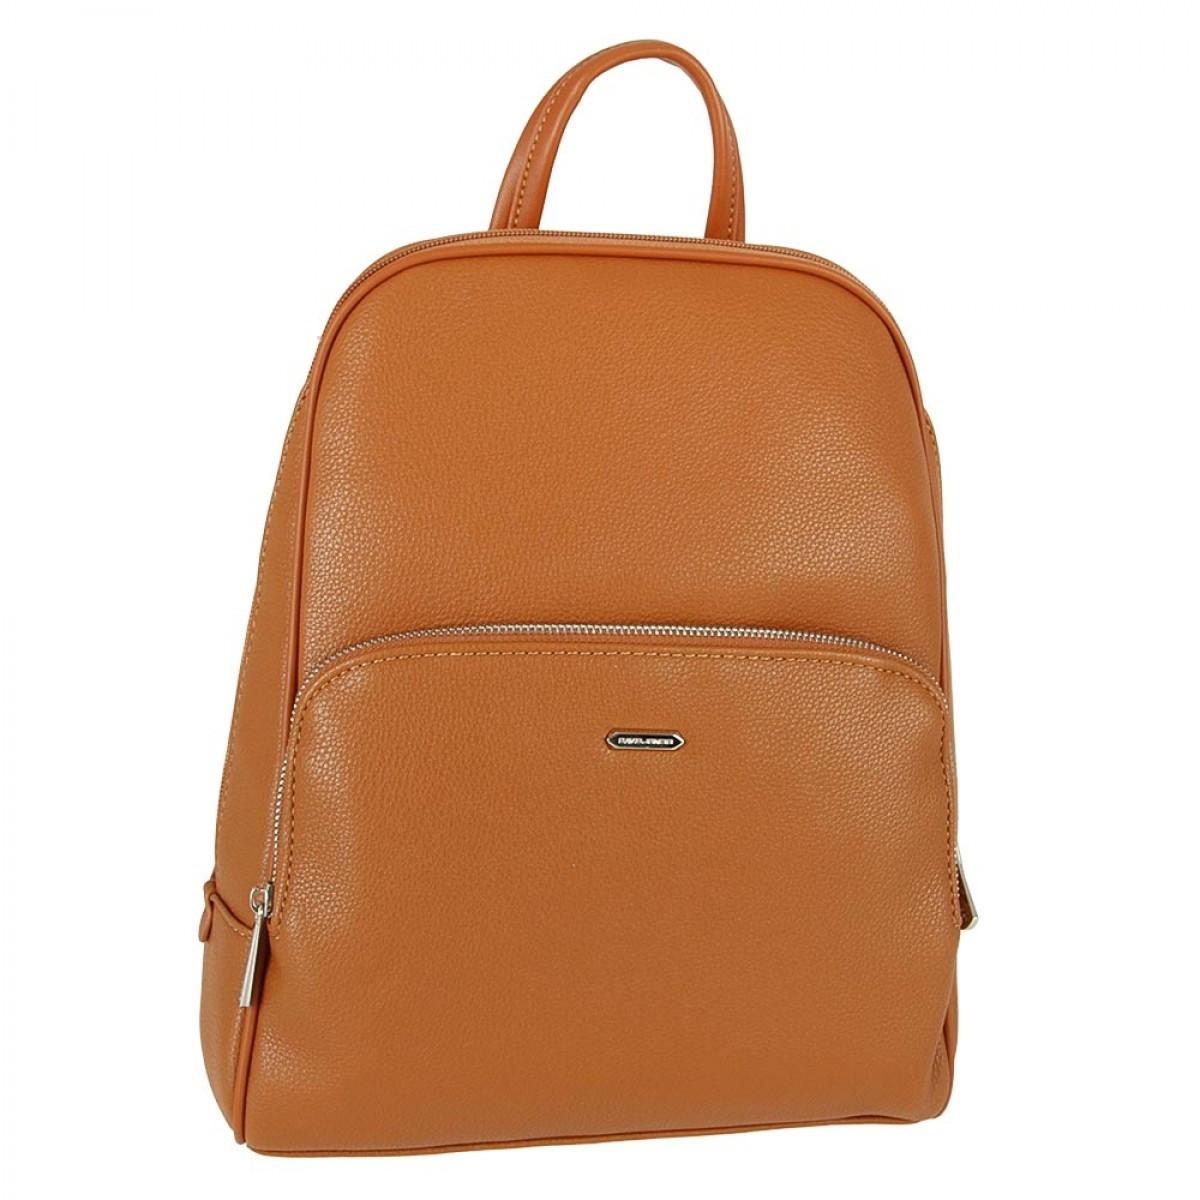 Жіночий рюкзак David Jones CM5485 COGNAC